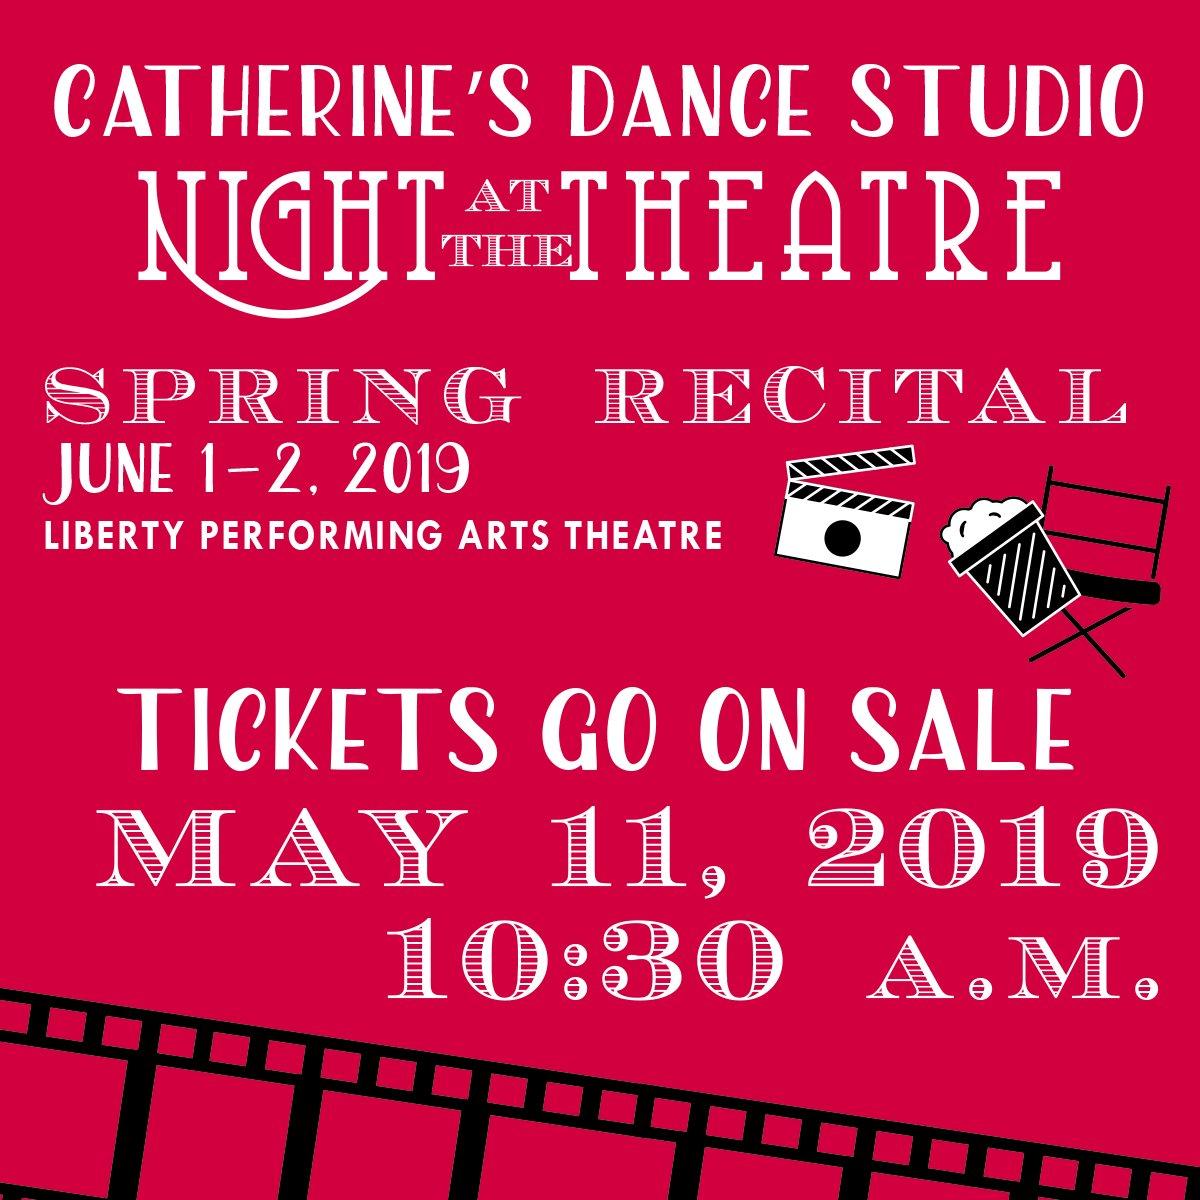 11d3516ba722 Bookmark this page to get your tickets online   https   bit.ly 2qmRPjx .   dancerecital  catherinesdancestudio   recitalticketspic.twitter.com 88z5T5JS81